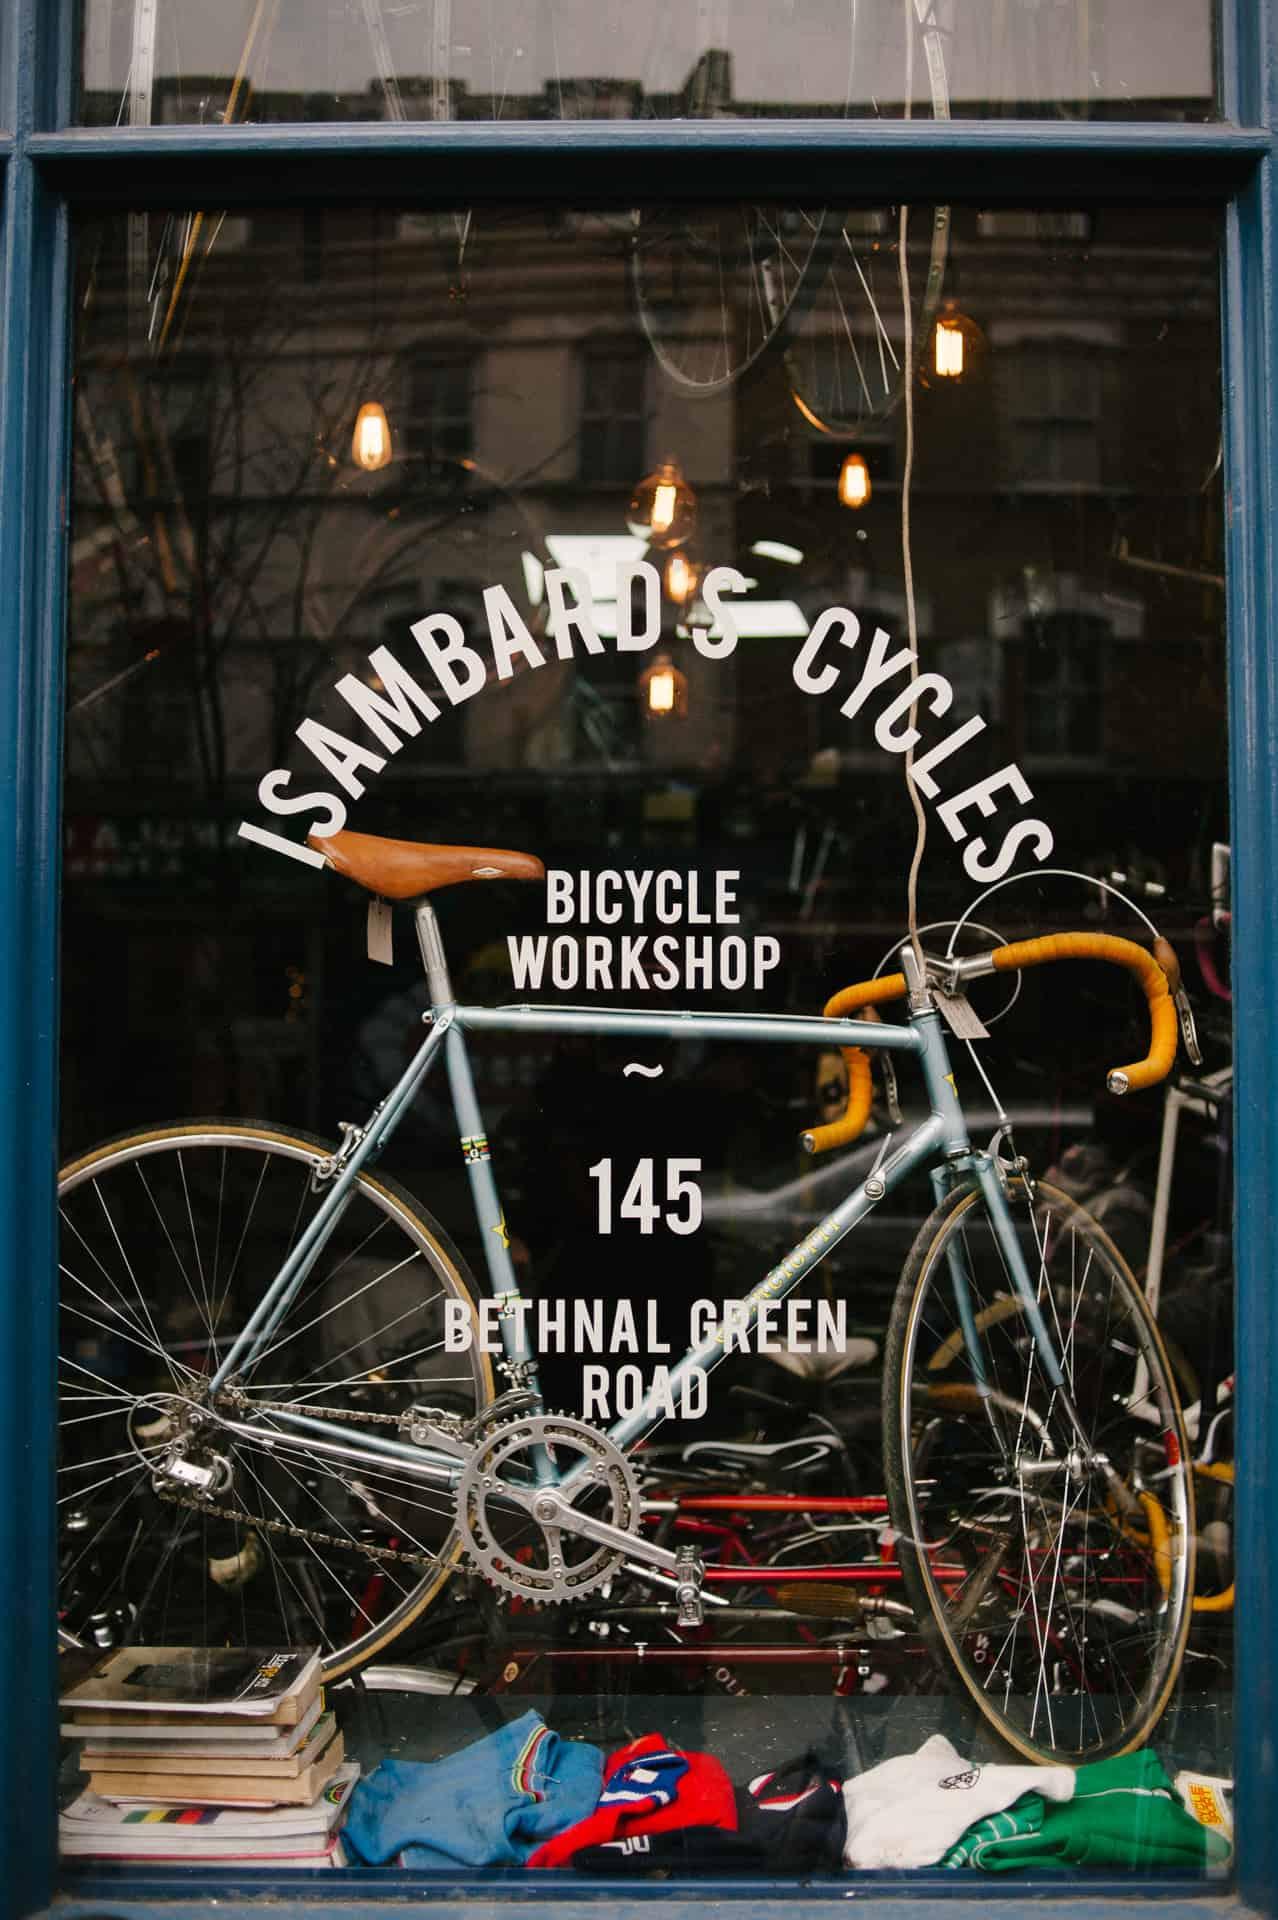 Isambard Cycles